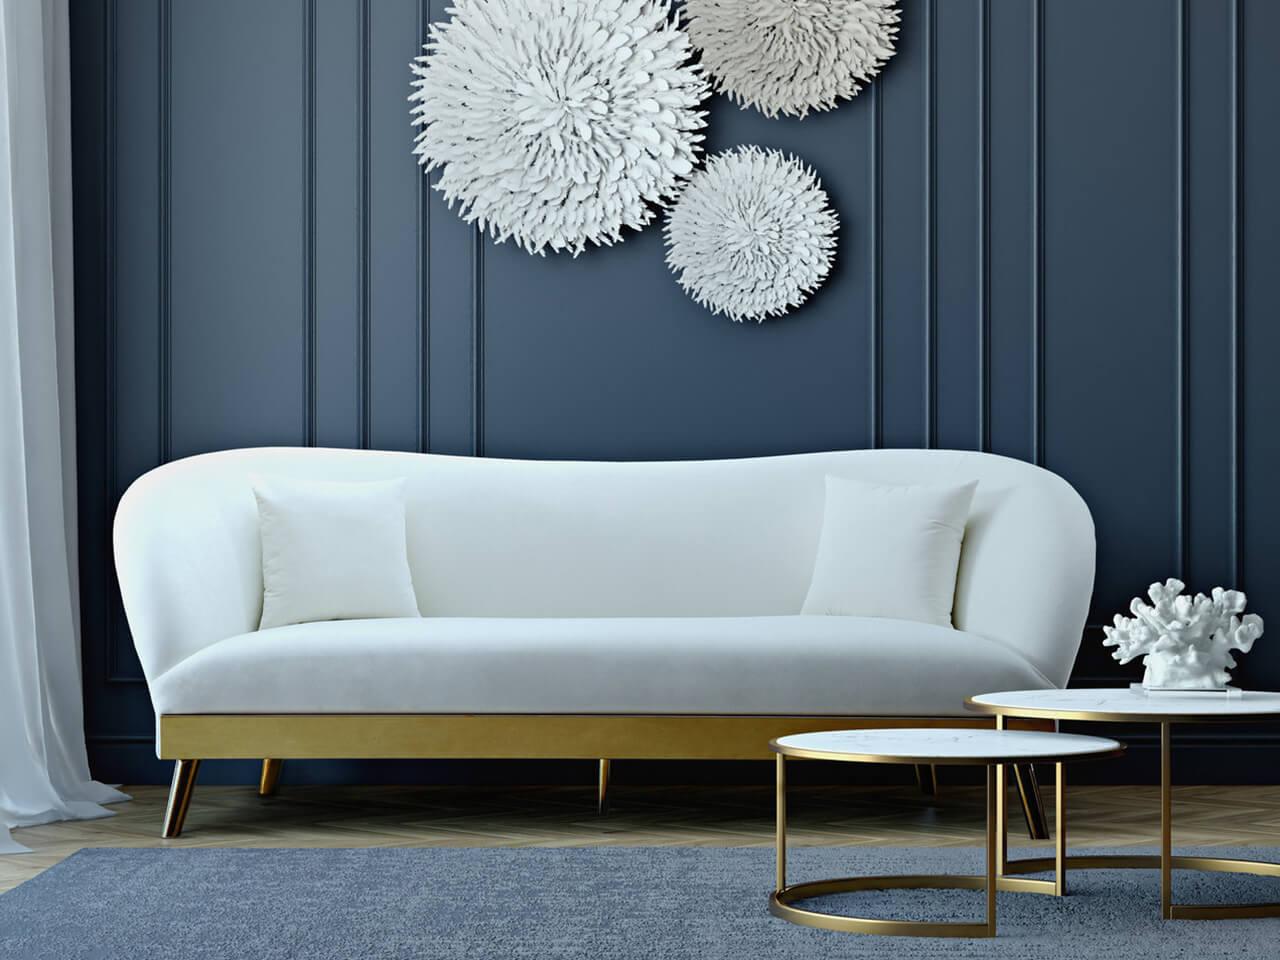 TOV Furniture - Chloe天鵝絨沙發 Chloe Velvet Sofa